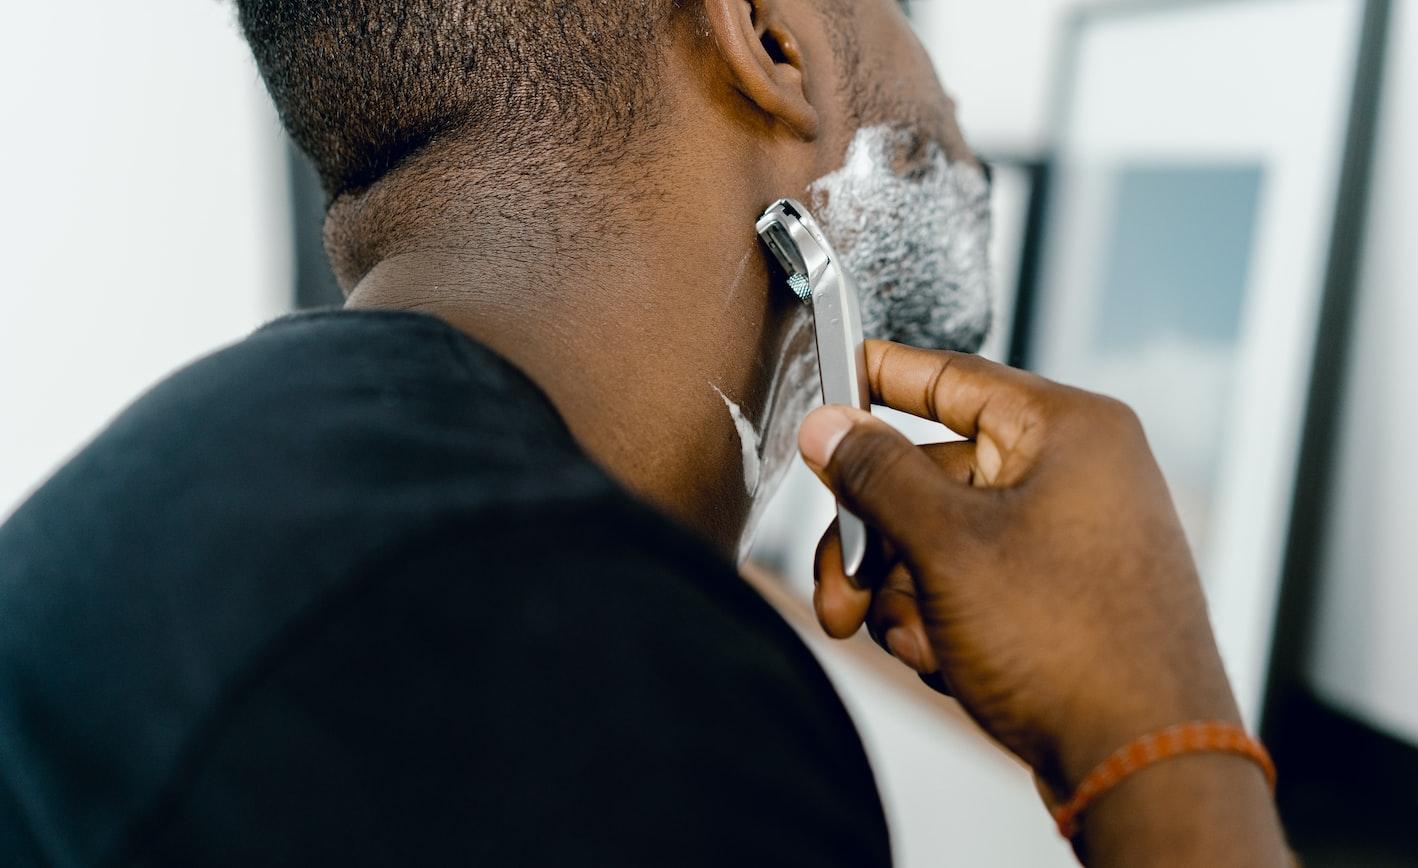 Domowa depilacja - jakie produkty wybrać?